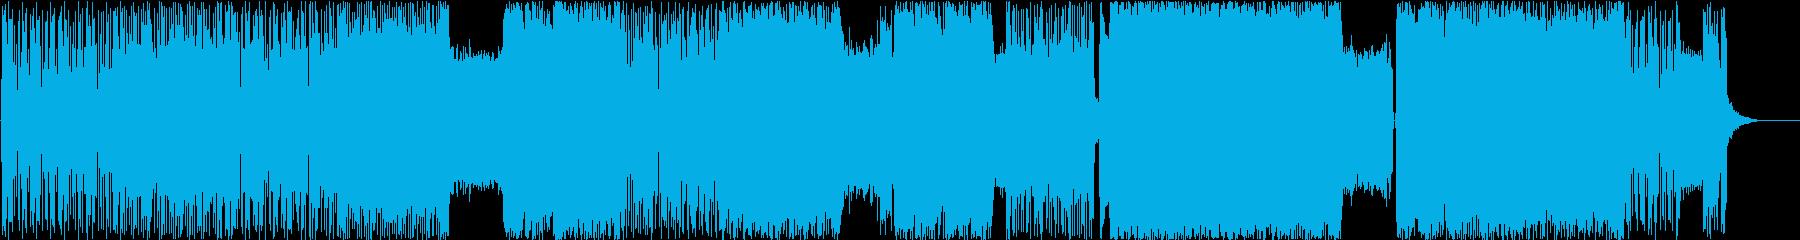 激しく疾走感のあるグランジメタルの再生済みの波形